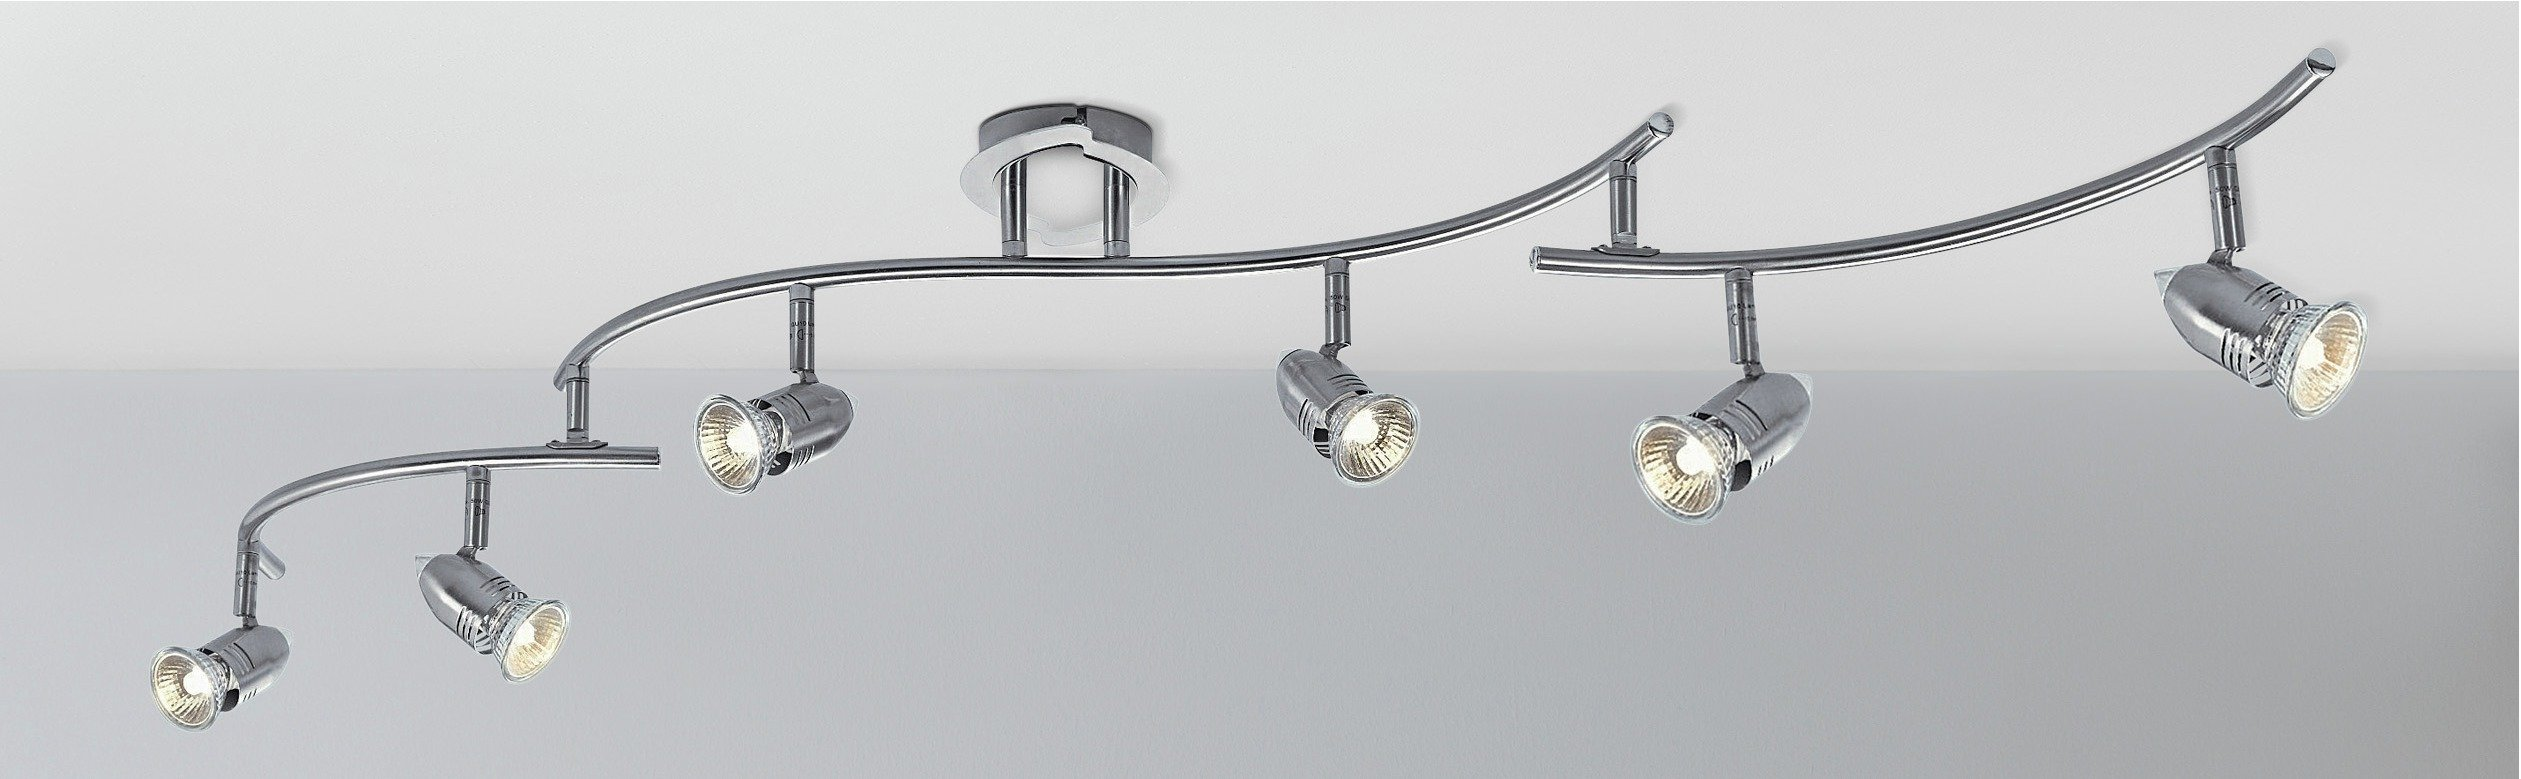 Argos Home - Norton 6 Light Folding Ceiling Bar - Chrome